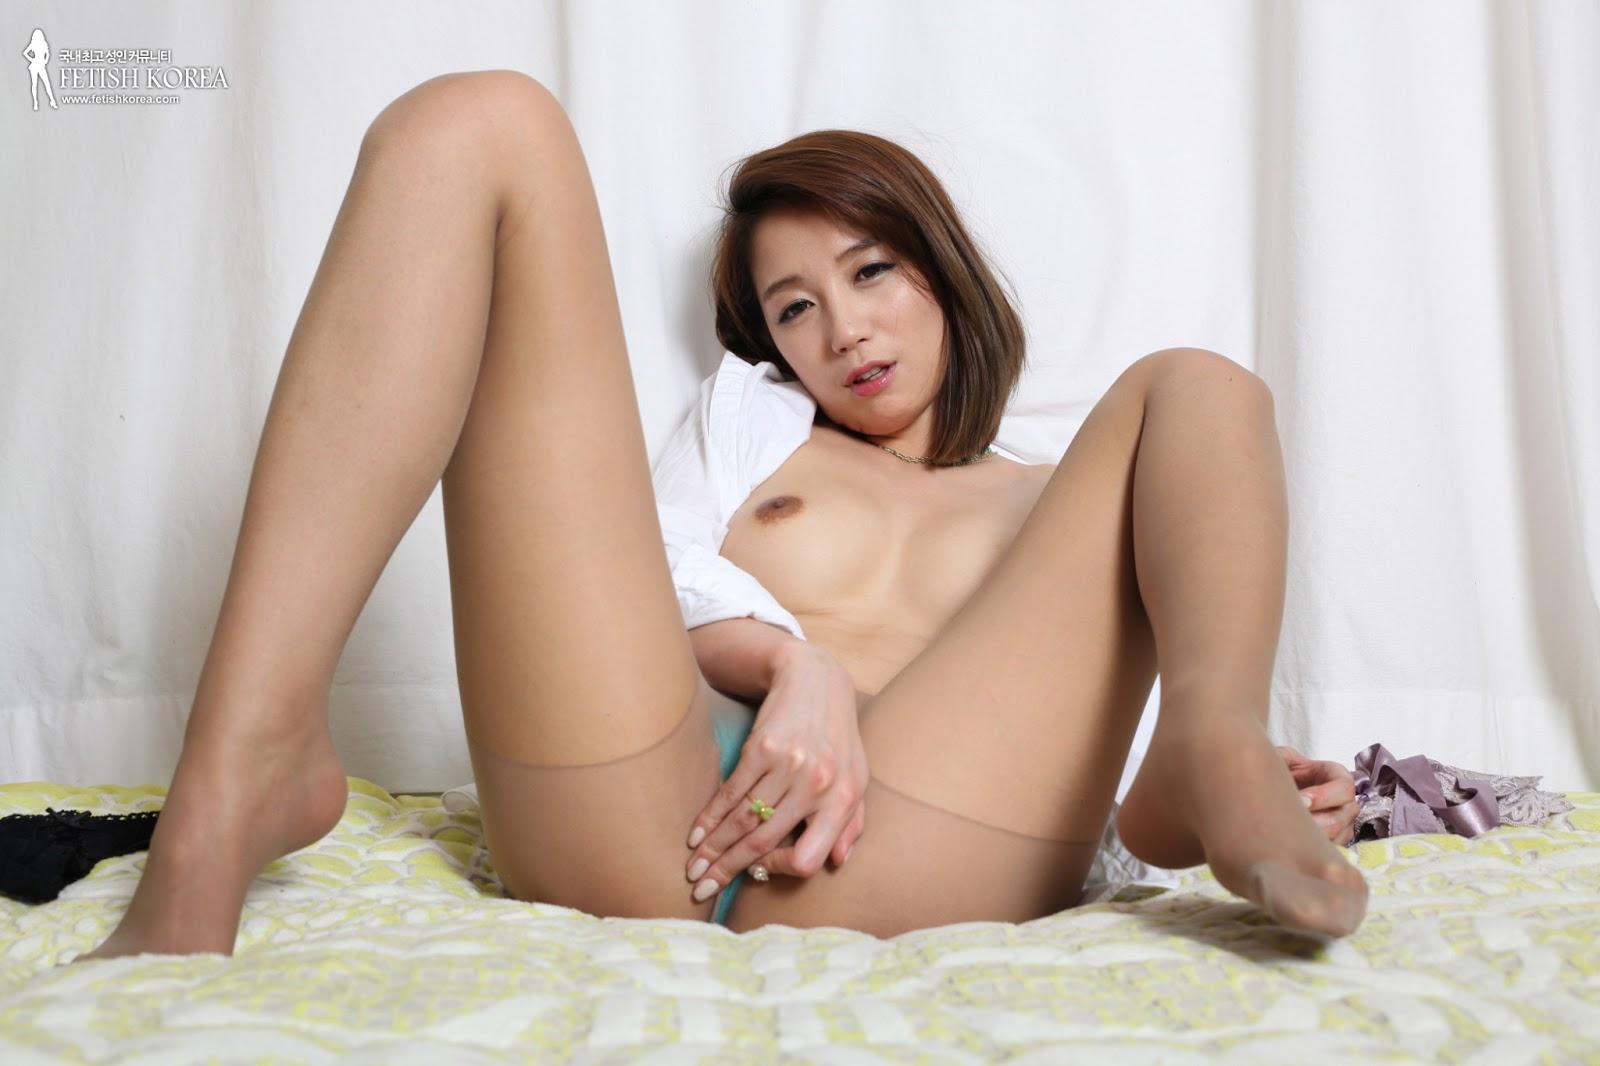 Kat latina porn